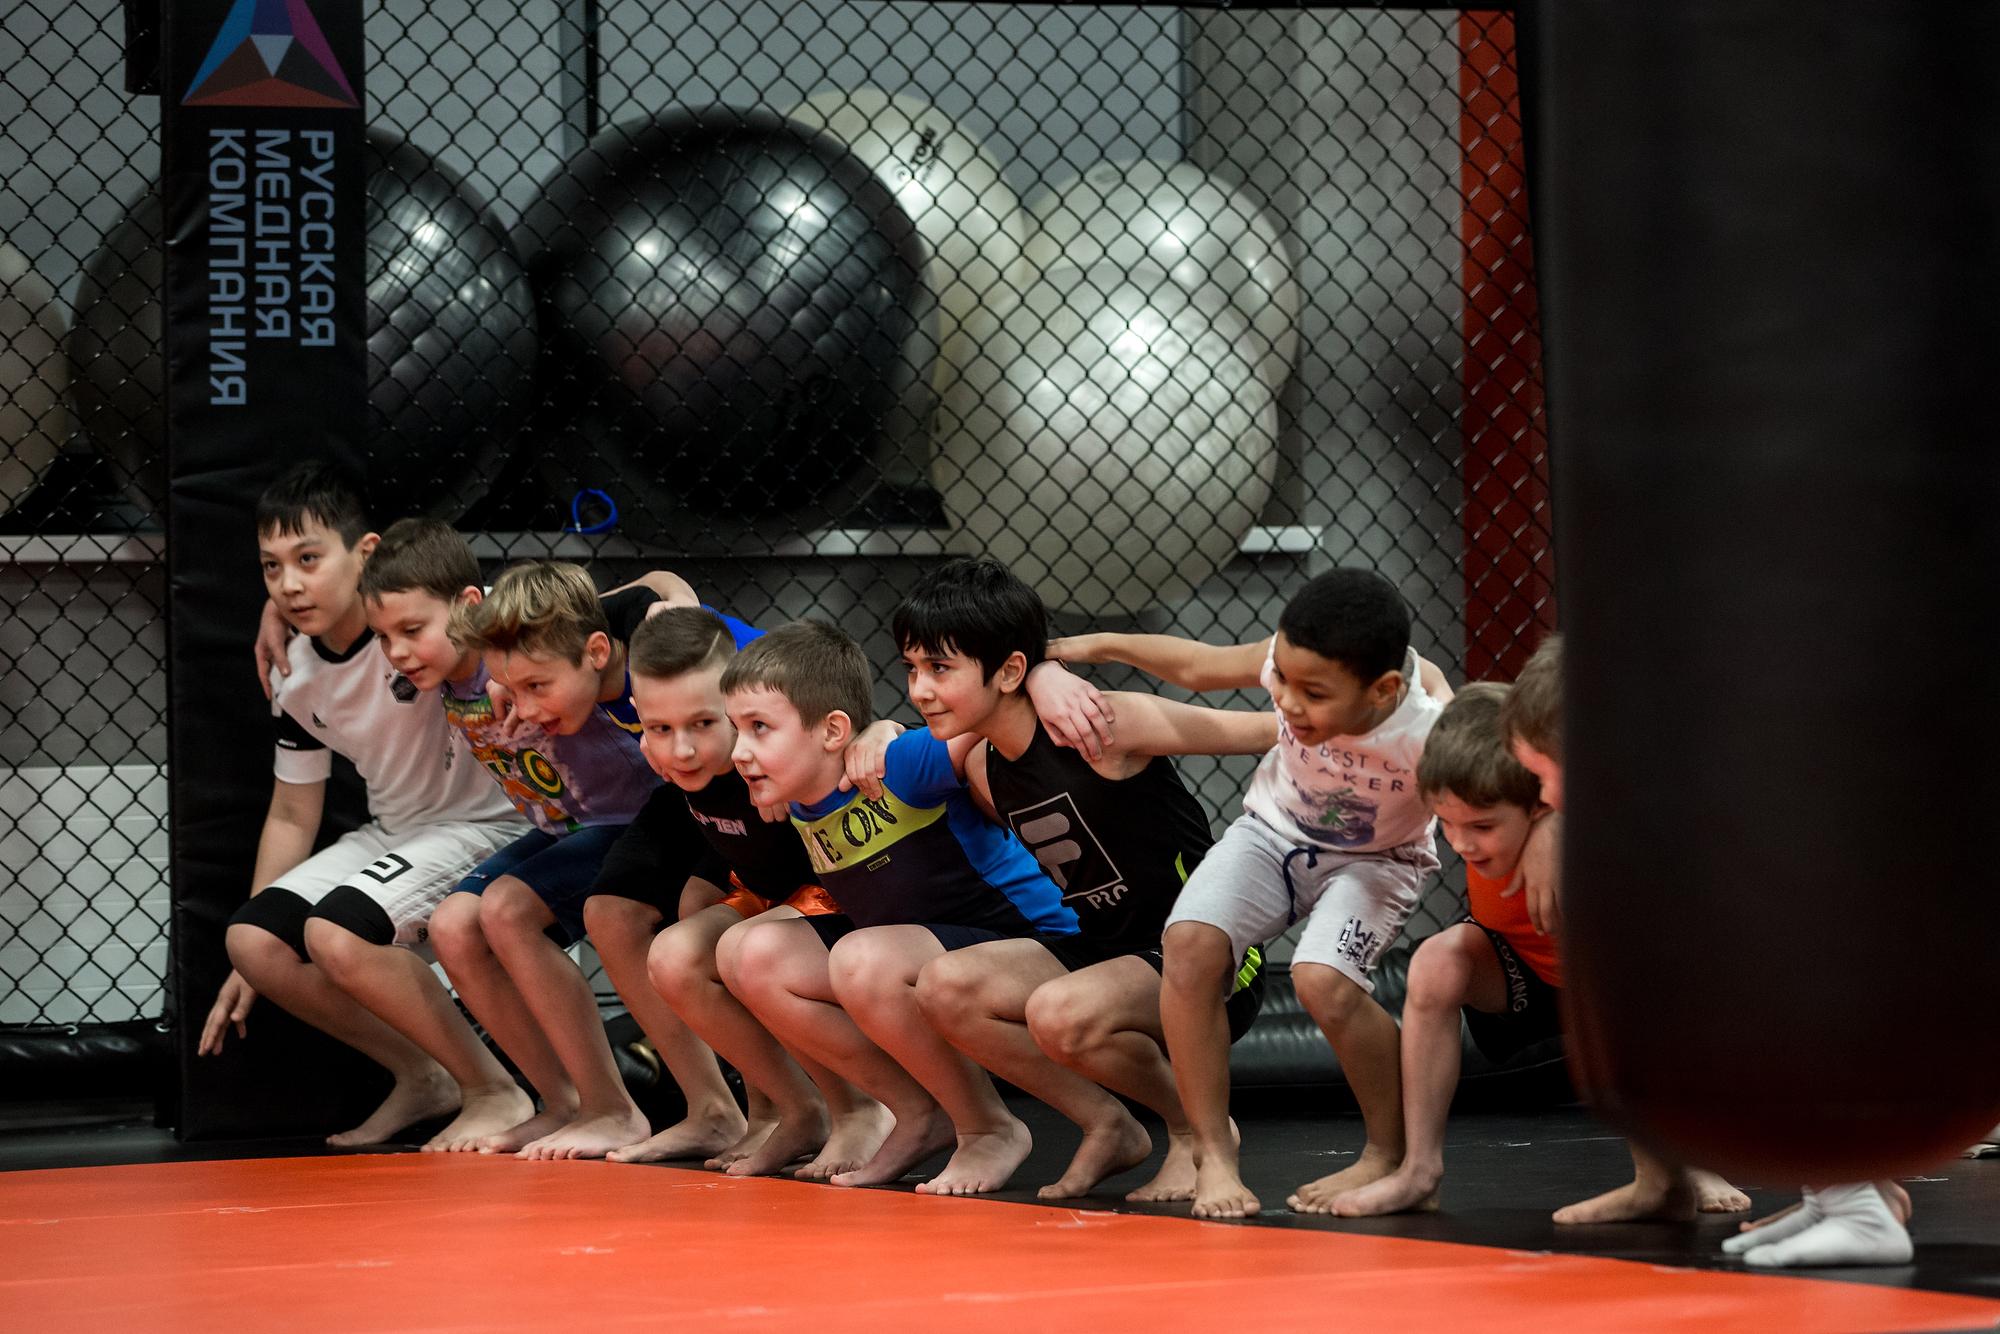 Позаниматься с опытным бойцом пришли и дети. Хотя сам Штырков считает, что нагружать детей тренировками ради профессиональной карьеры не самая лучшая идея.<br><br>«Путь профессионального спортсмена — это путь, которому ты отдаешь всю жизнь, а не просто ходишь и тренируешься. Детей не надо нагружать мыслями, что они будут профессиональными спортсменами, потому что лампочка может перегореть и мотивация пропадет. Ребенок хочет расти, развиваться, играть, а не тренироваться круглые сутки. Здесь очень тонкая грань между любовью и ненавистью к спорту. Всё должно быть постепенно, важно дать ребенку возможность самому сделать выбор», — говорит Иван Штырков<br>